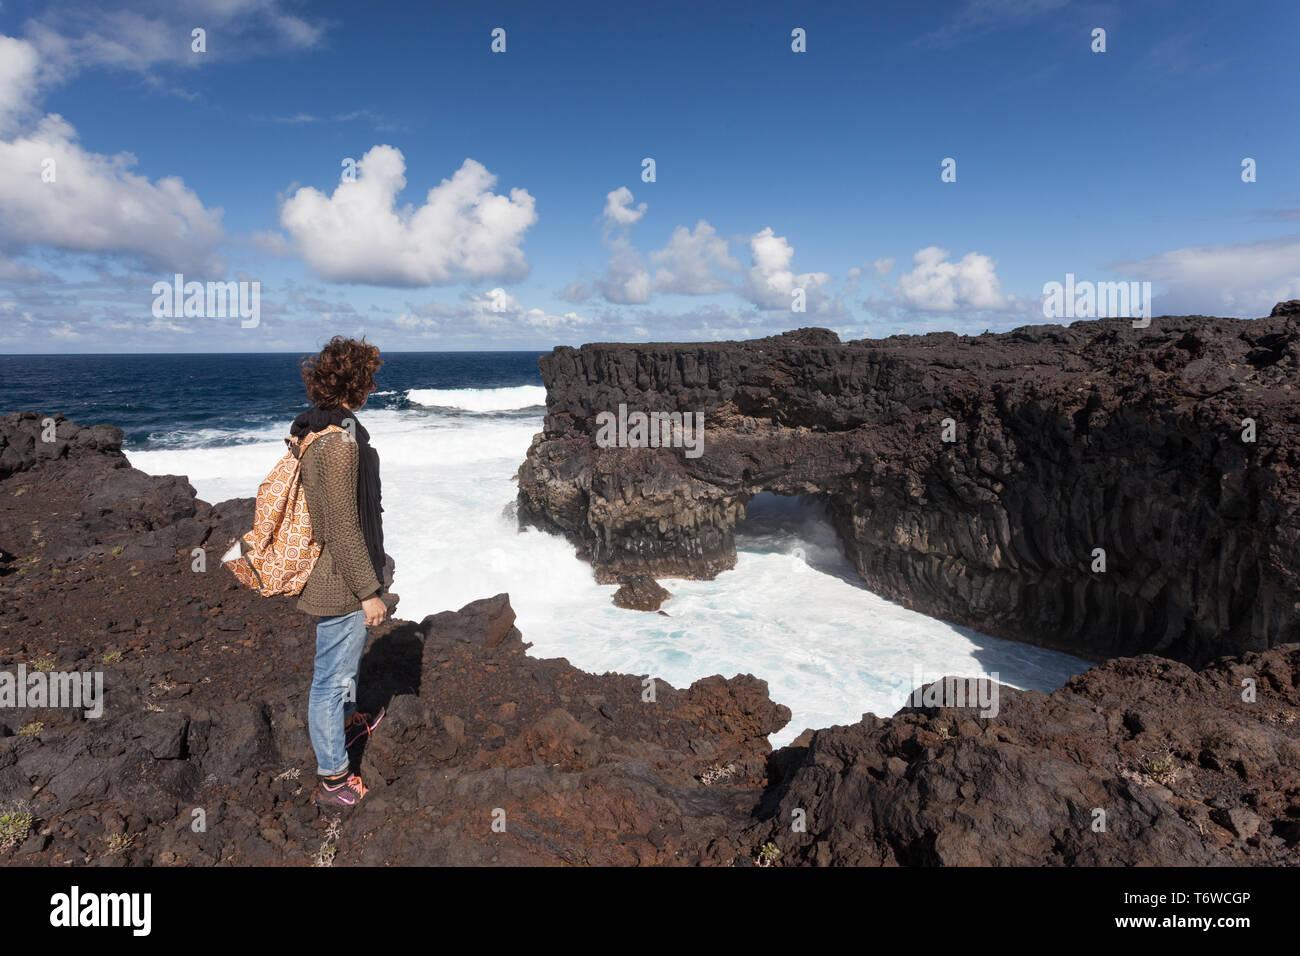 20 30 anni ragazza in piedi su una scogliera con big surf sotto Immagini Stock